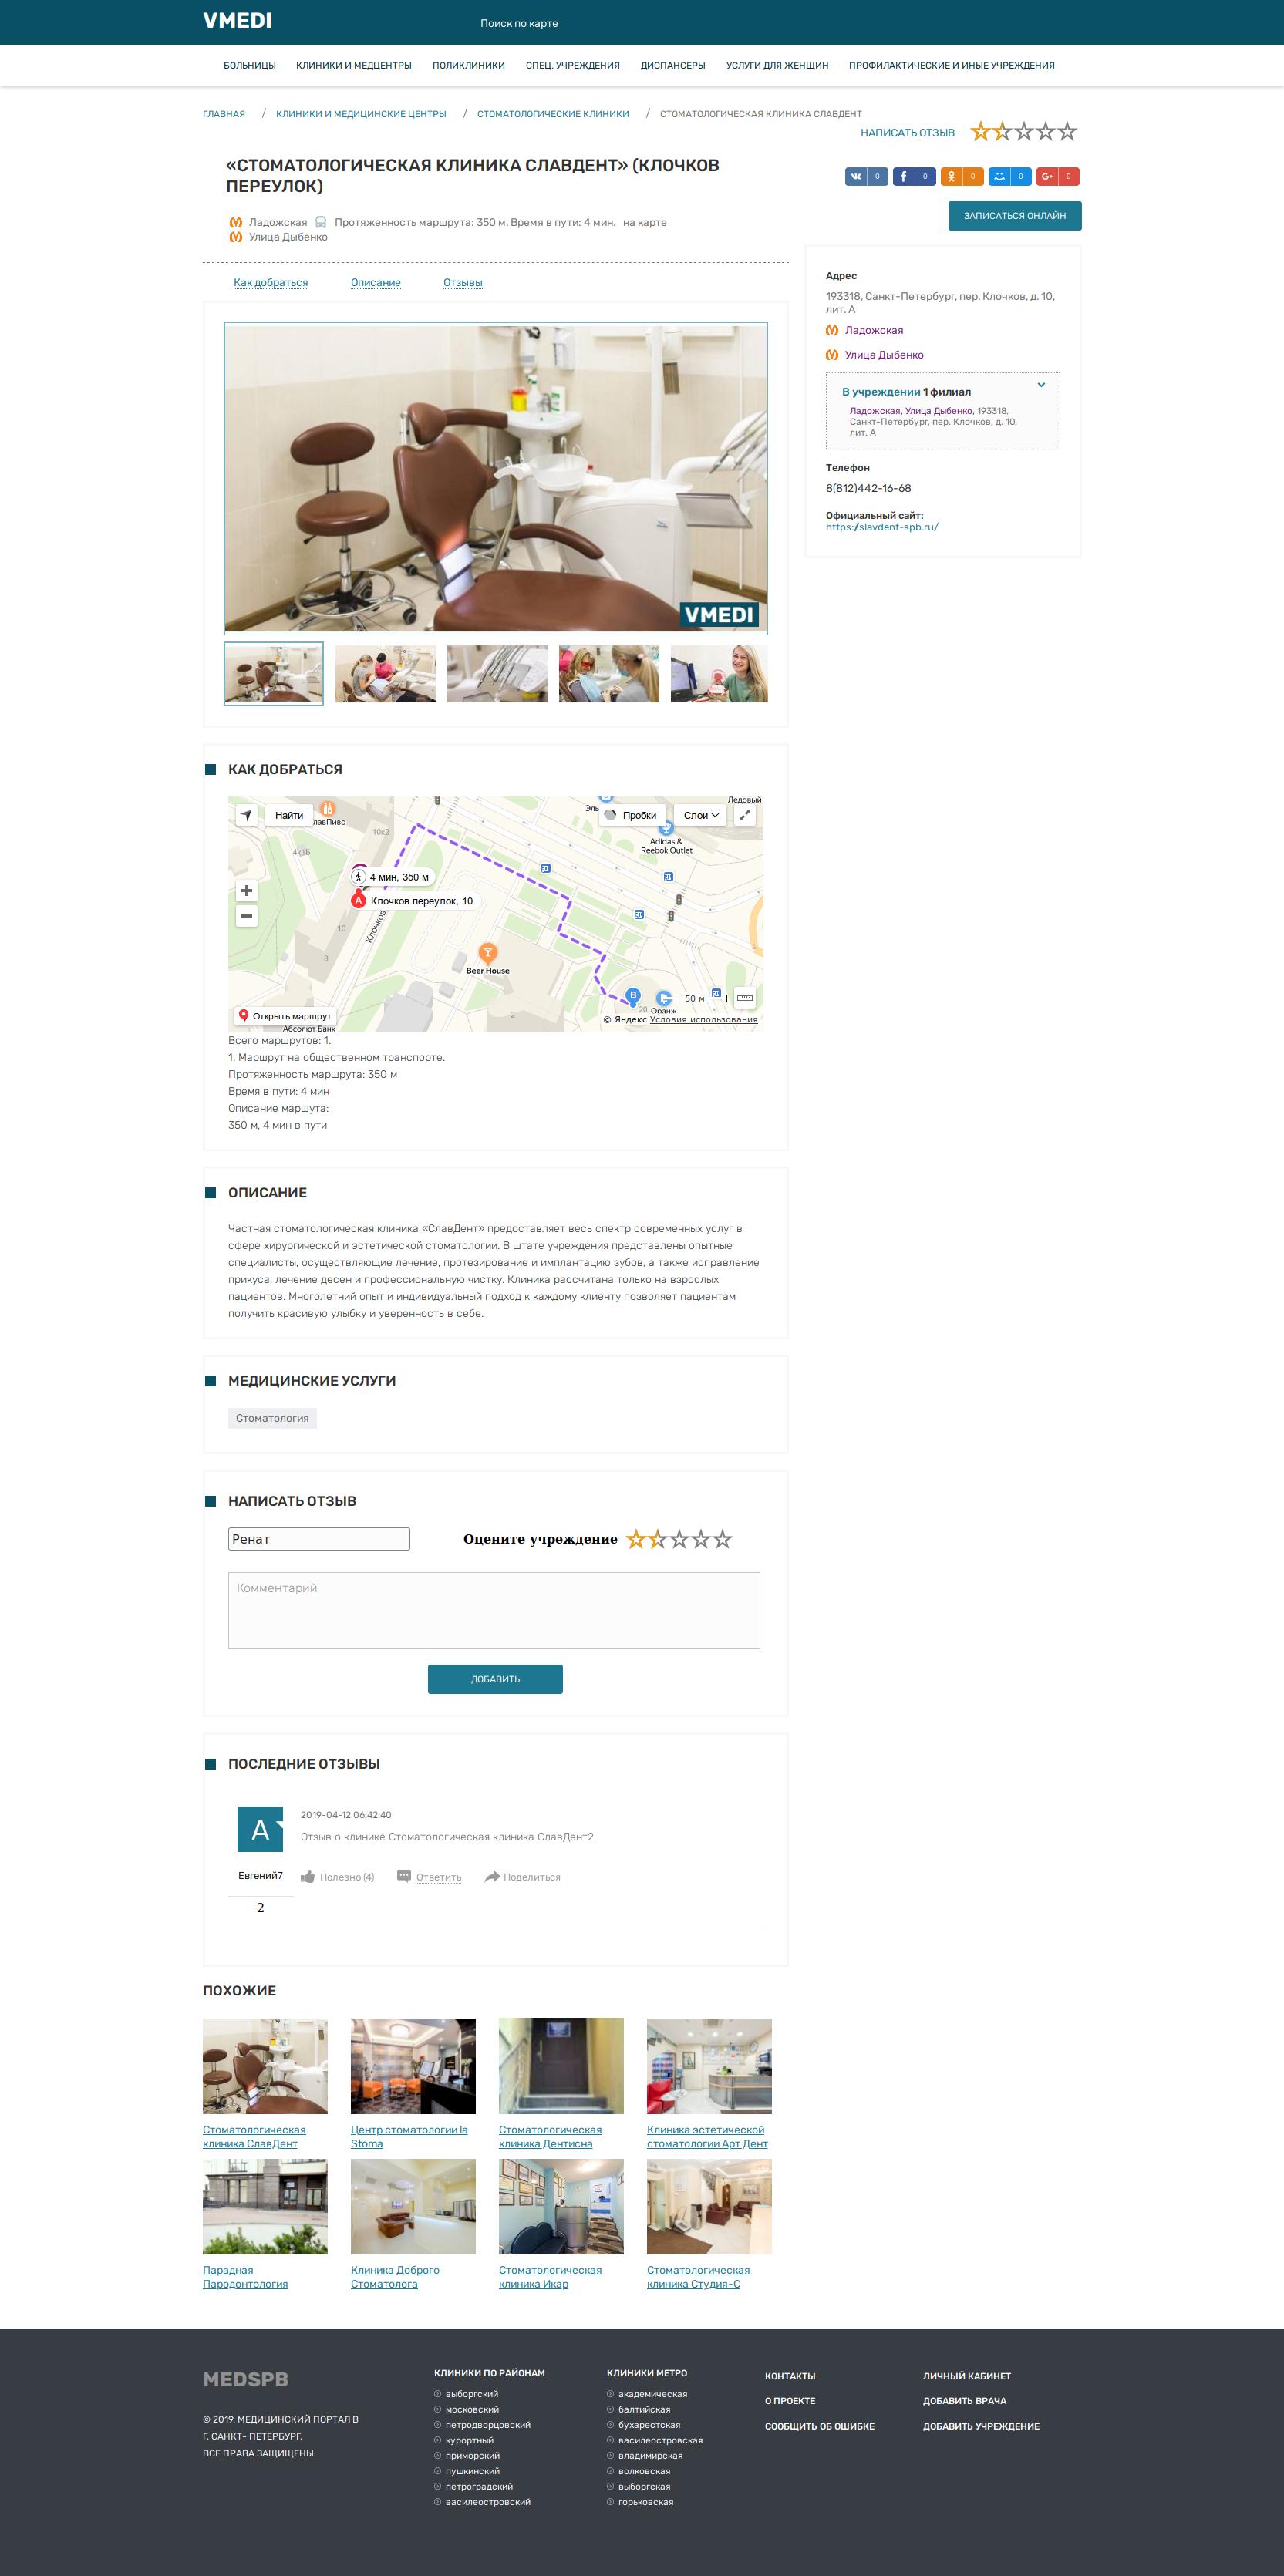 Портфолио - Сайт ВМЕДИ, Филиал